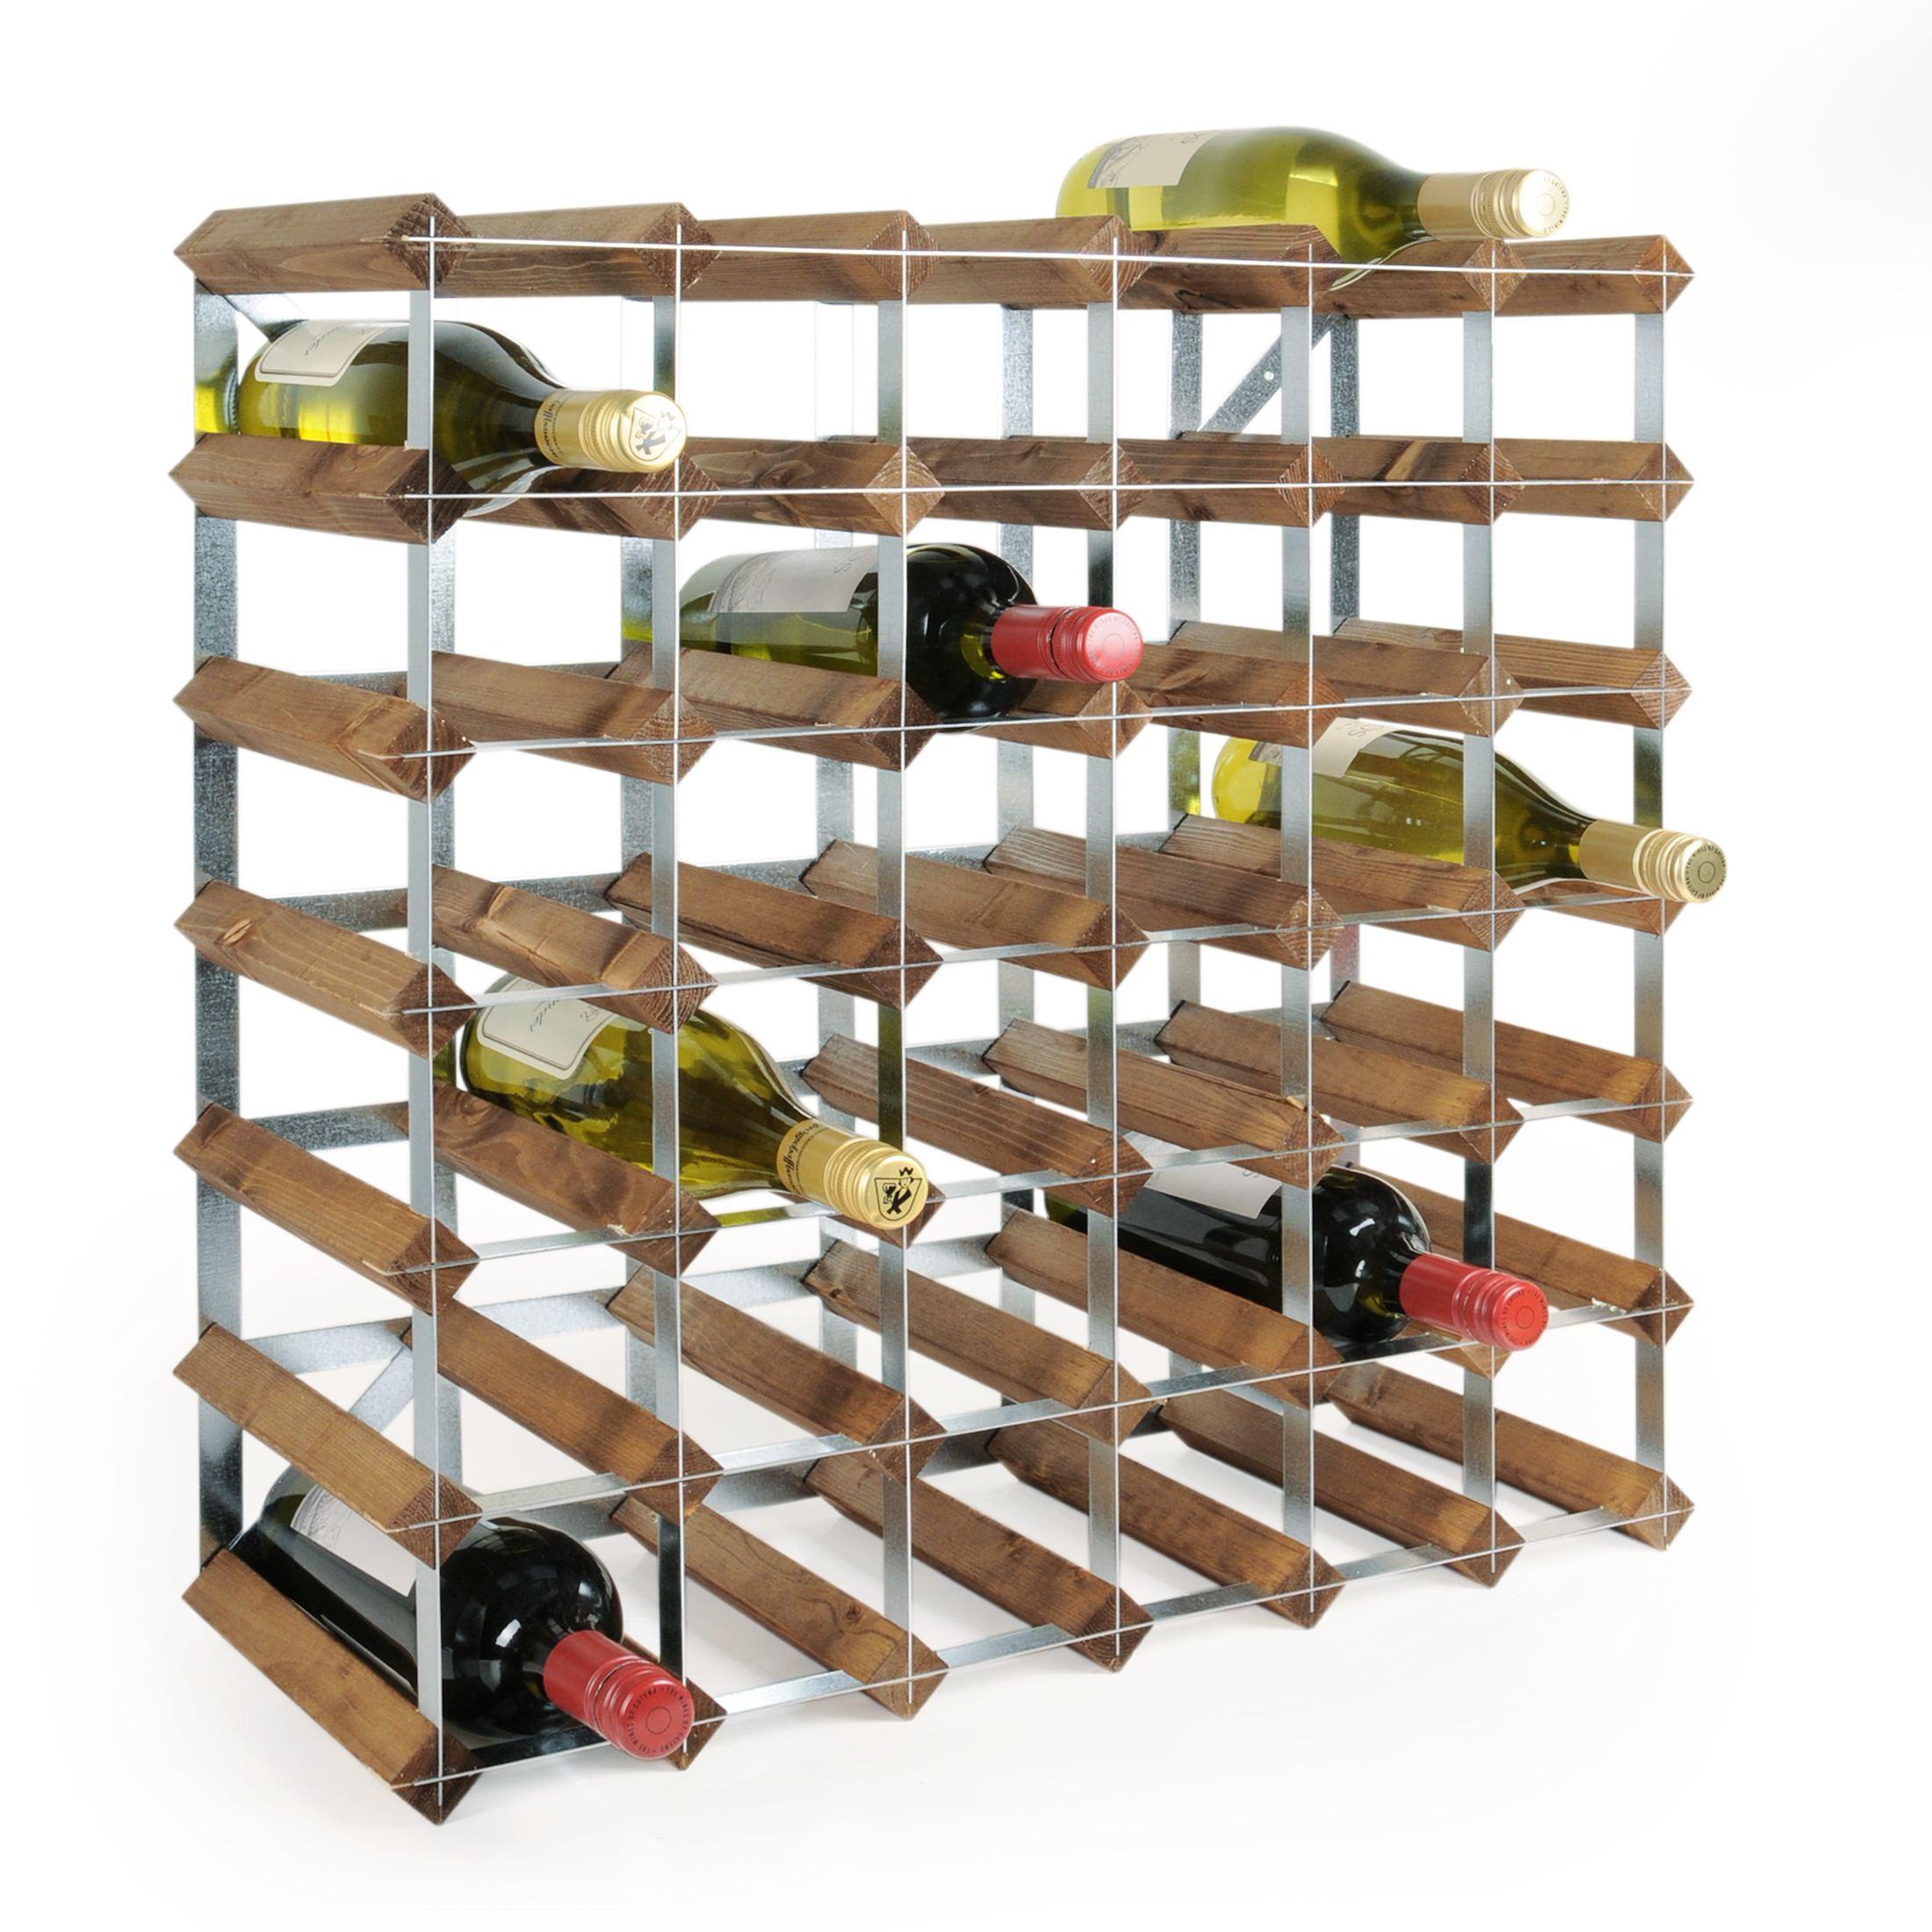 weinregal flaschenregal system trend holz kiefer braun. Black Bedroom Furniture Sets. Home Design Ideas